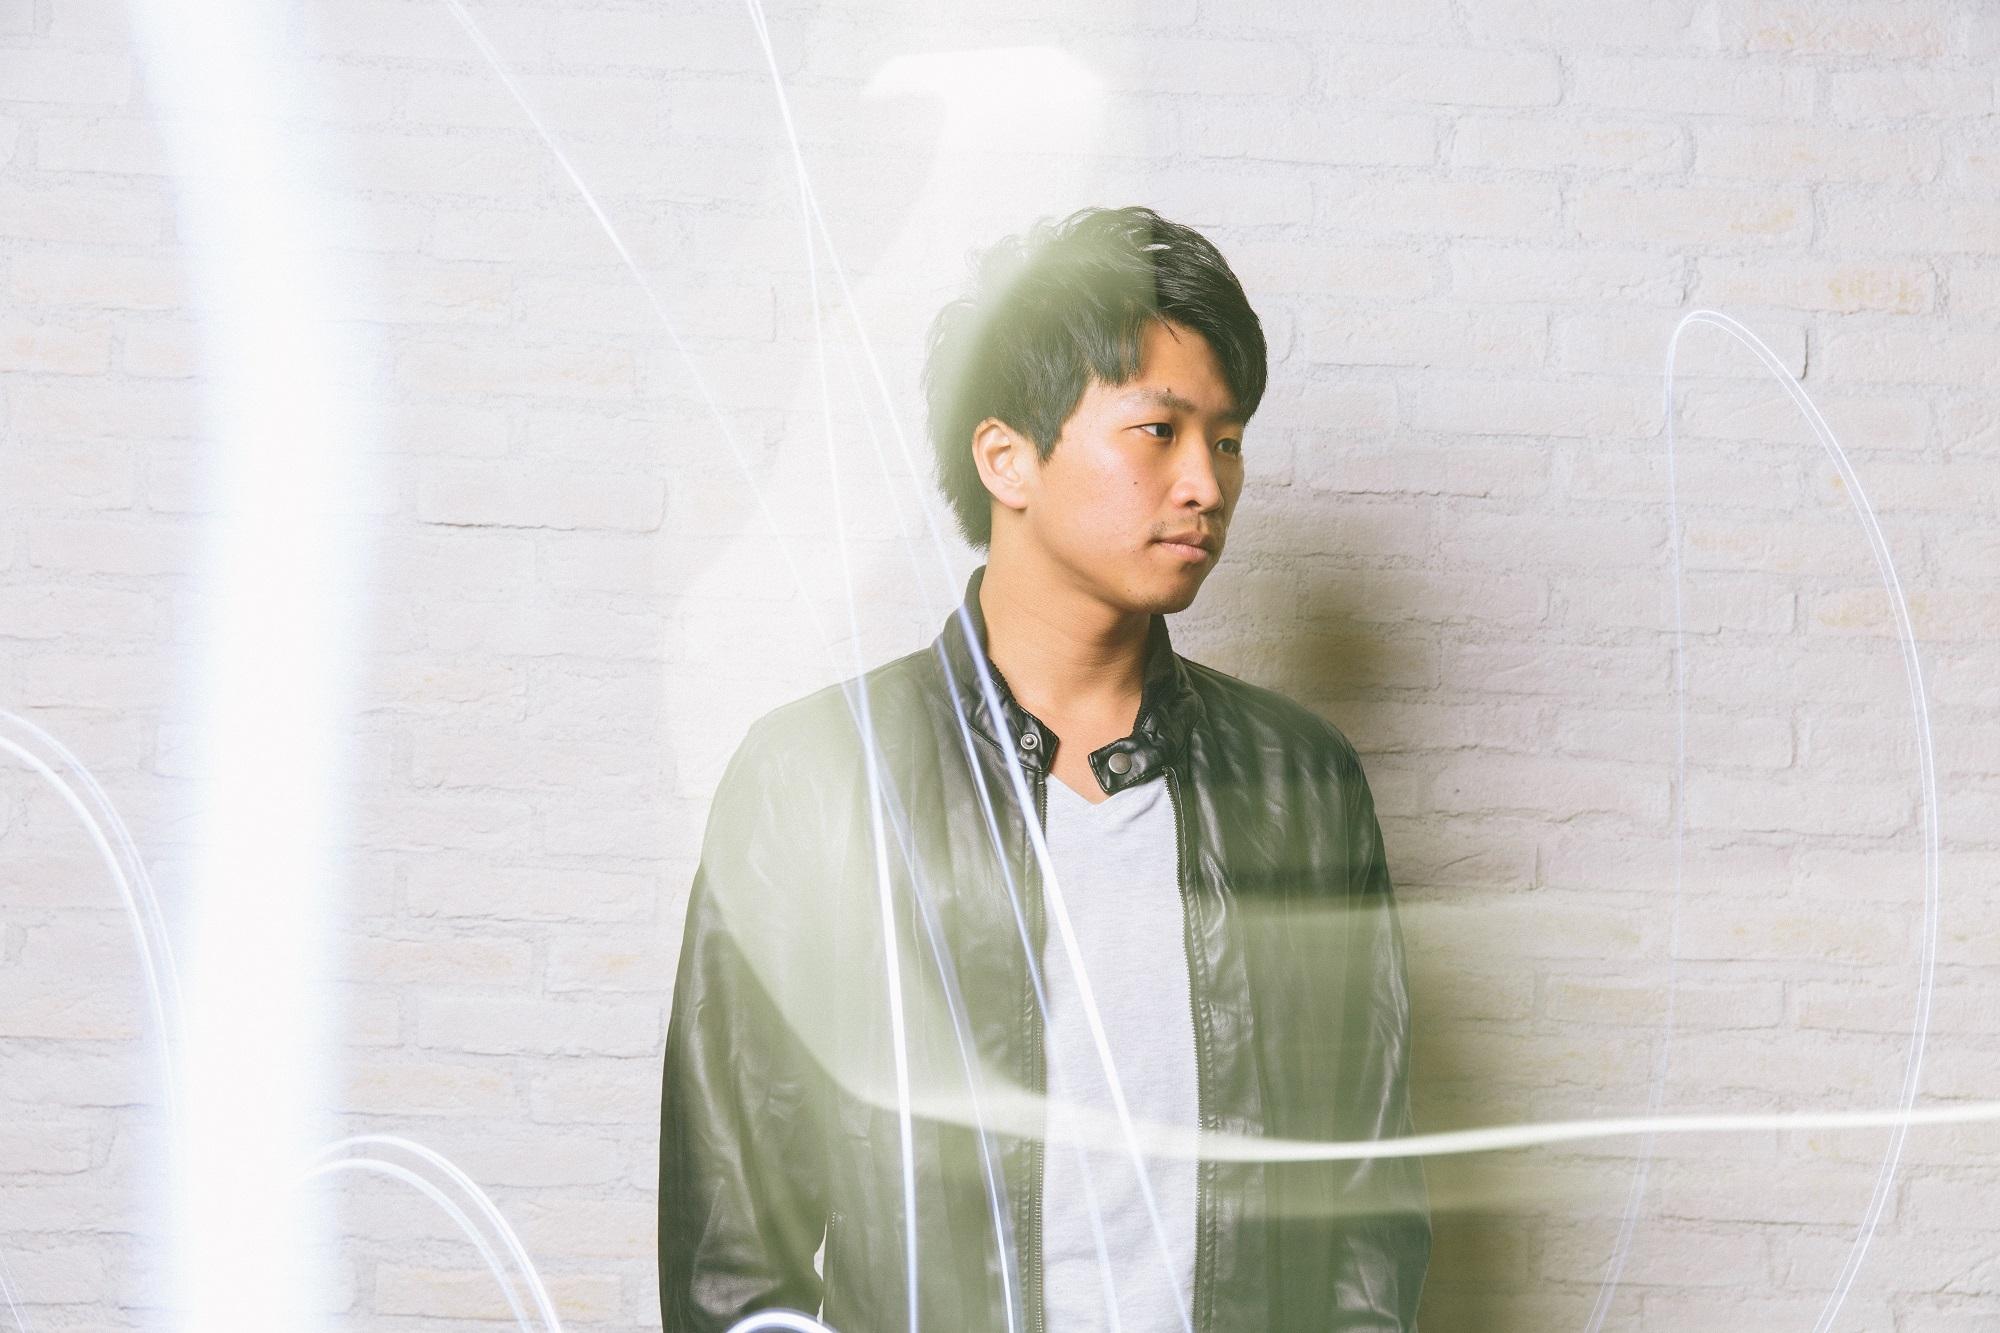 LAMP IN TERREN Photo by Yosuke Kamiyama